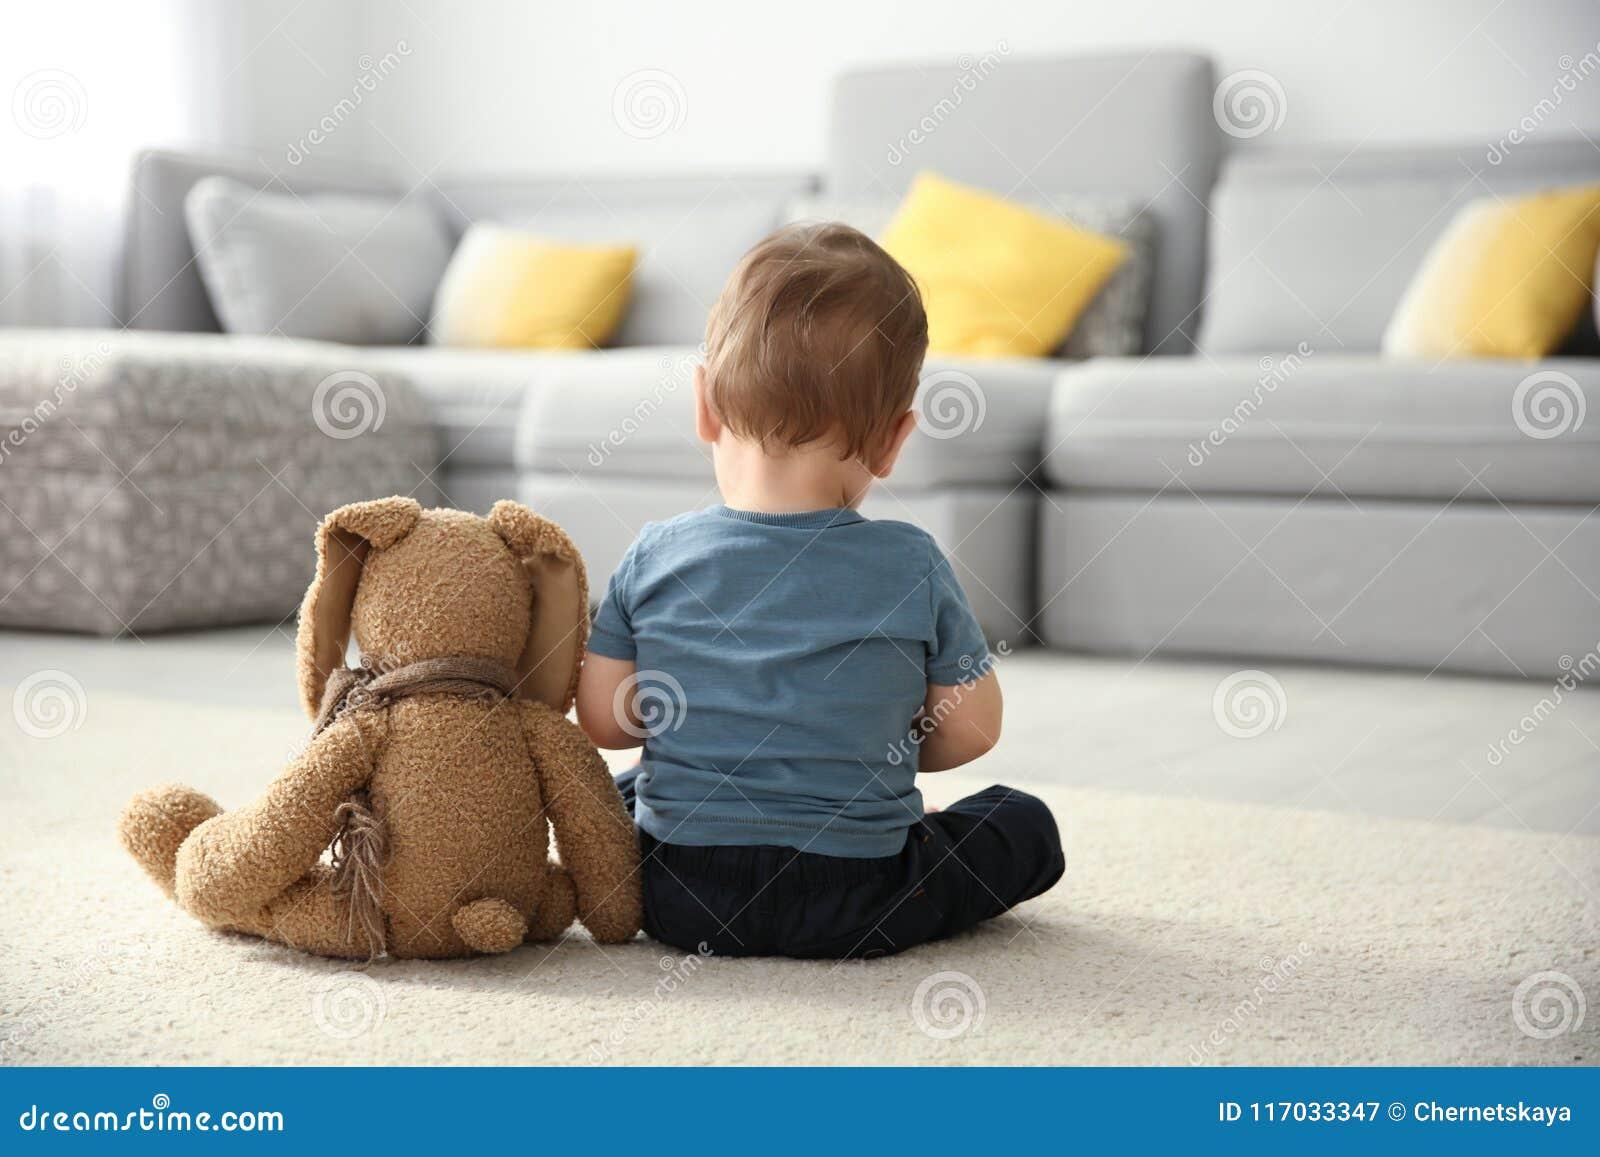 Weinig jongen met stuk speelgoed zitting op vloer in woonkamer